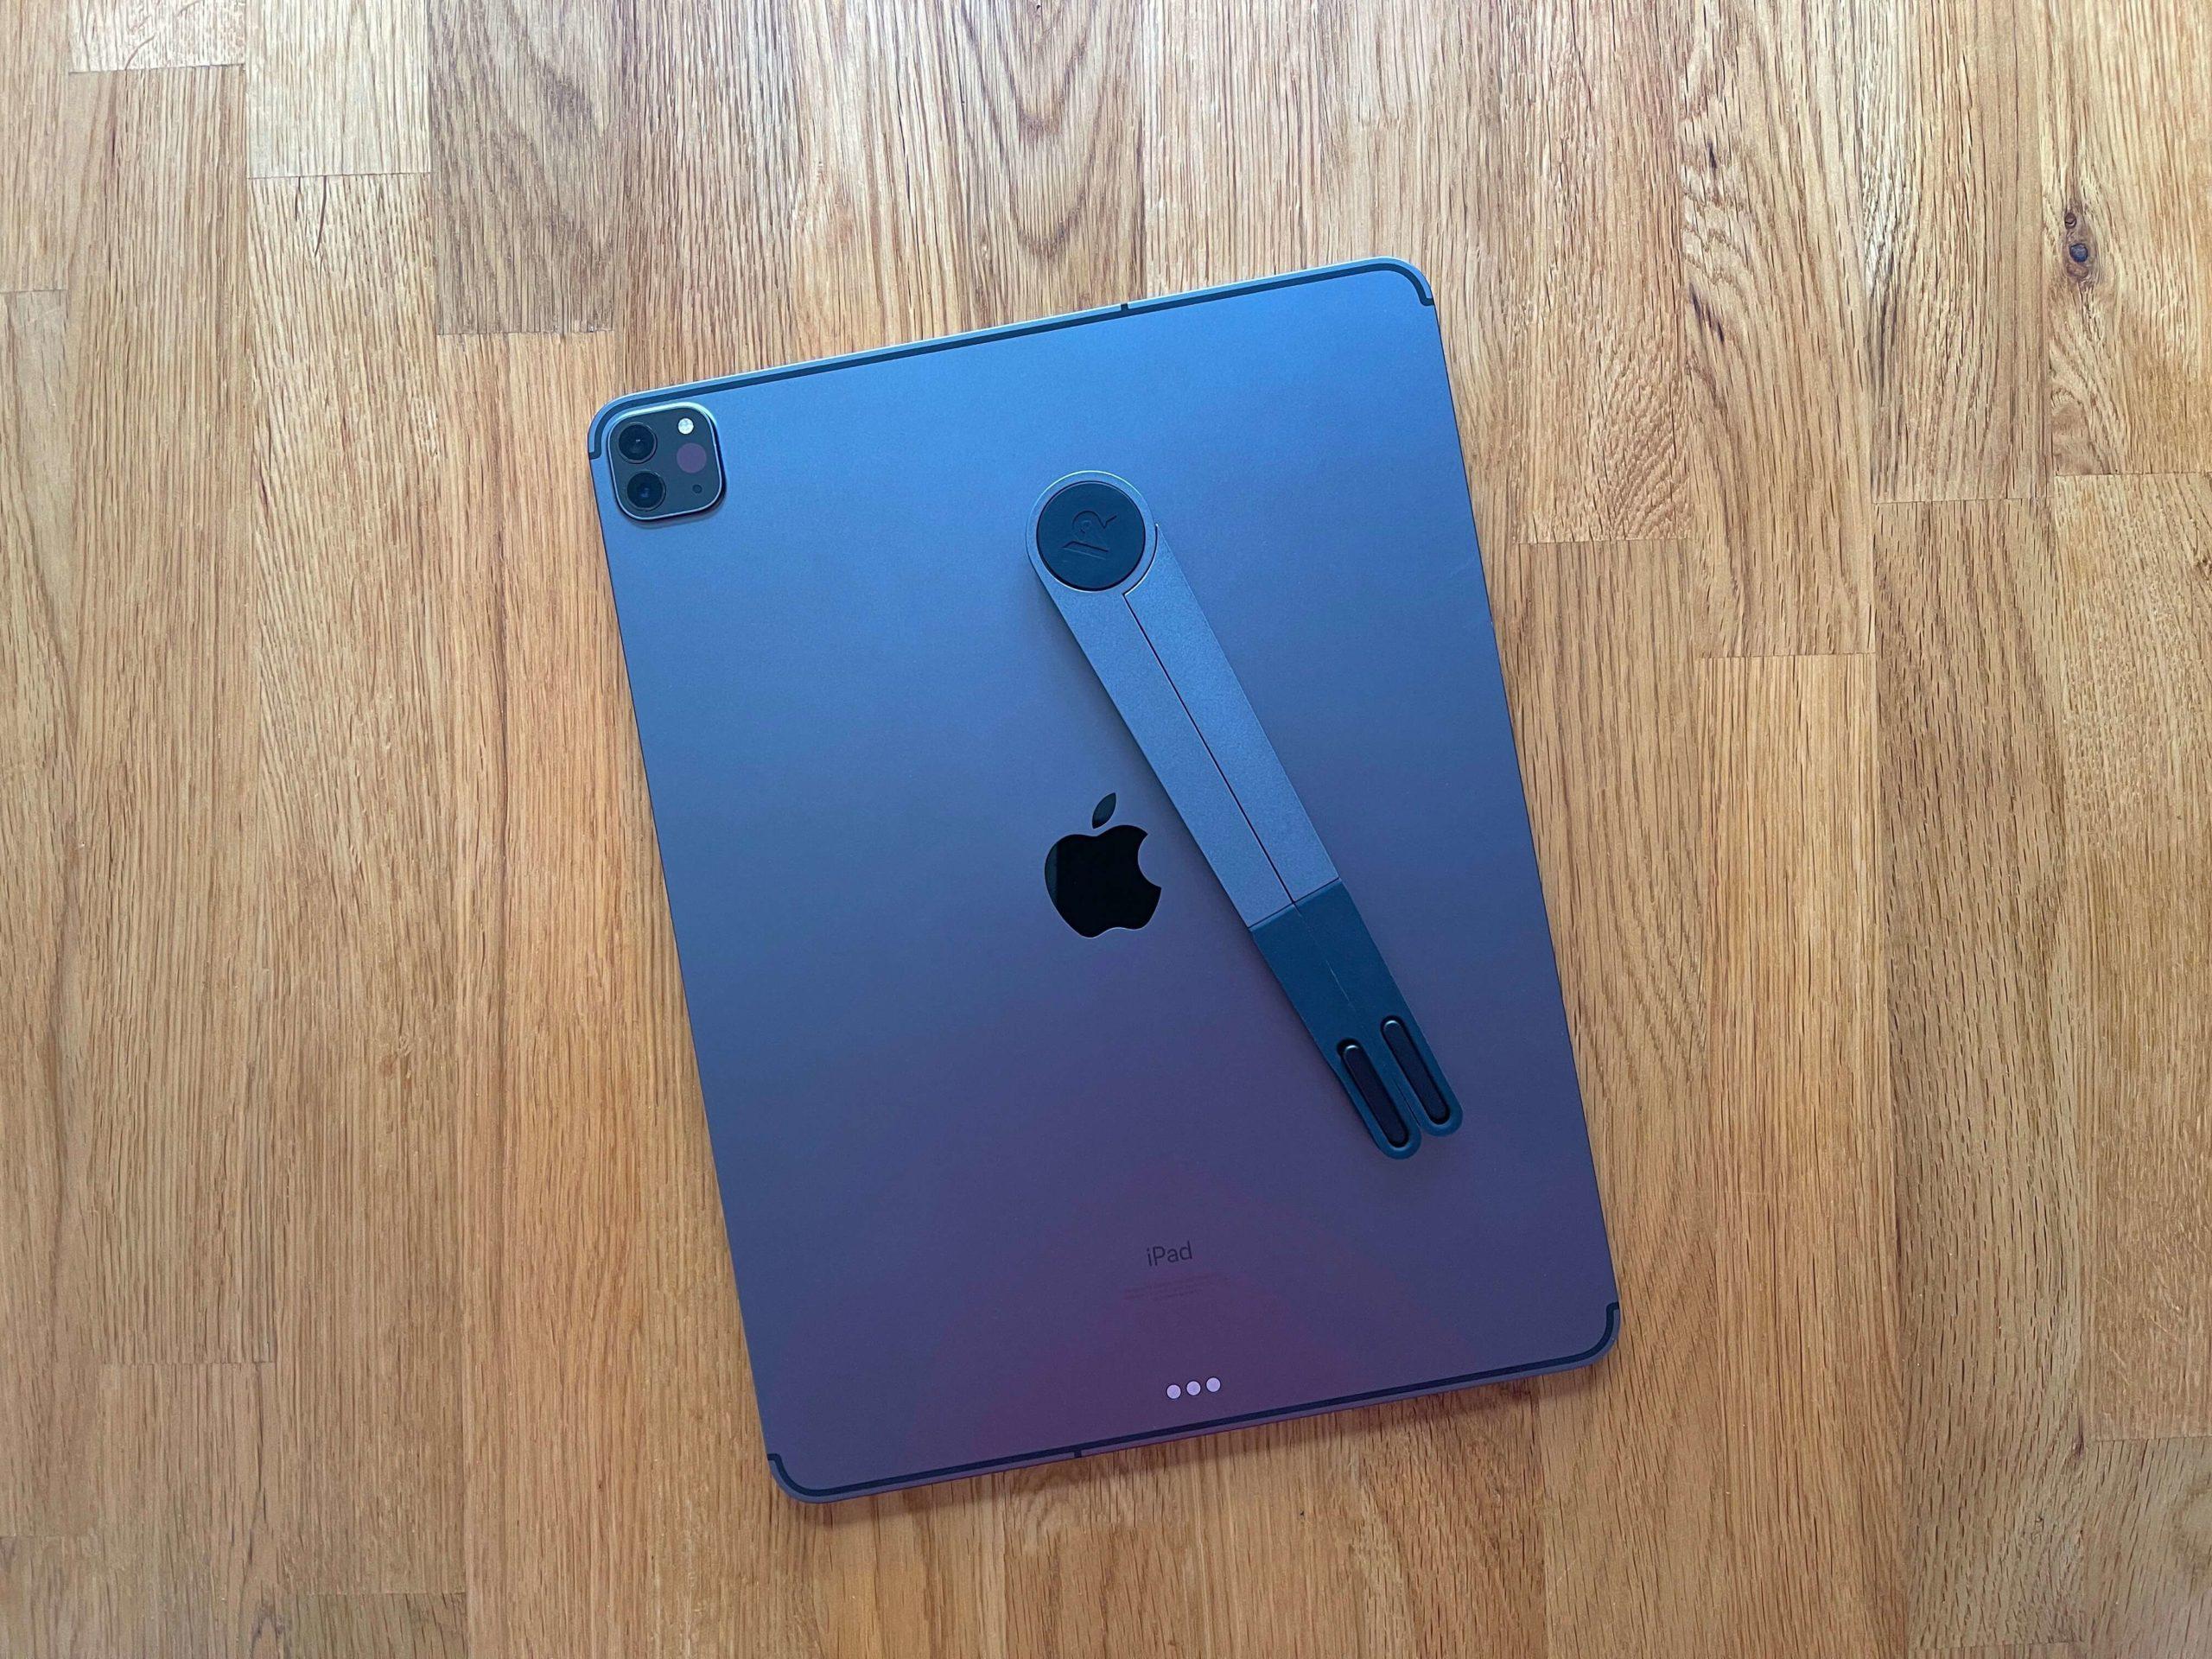 Compass-Pro-von-Twelve-South-der-iPad-Staender-der-immer-zur-Hand-ist7-scaled Compass Pro von Twelve South - der iPad-Ständer, der immer zur Hand ist